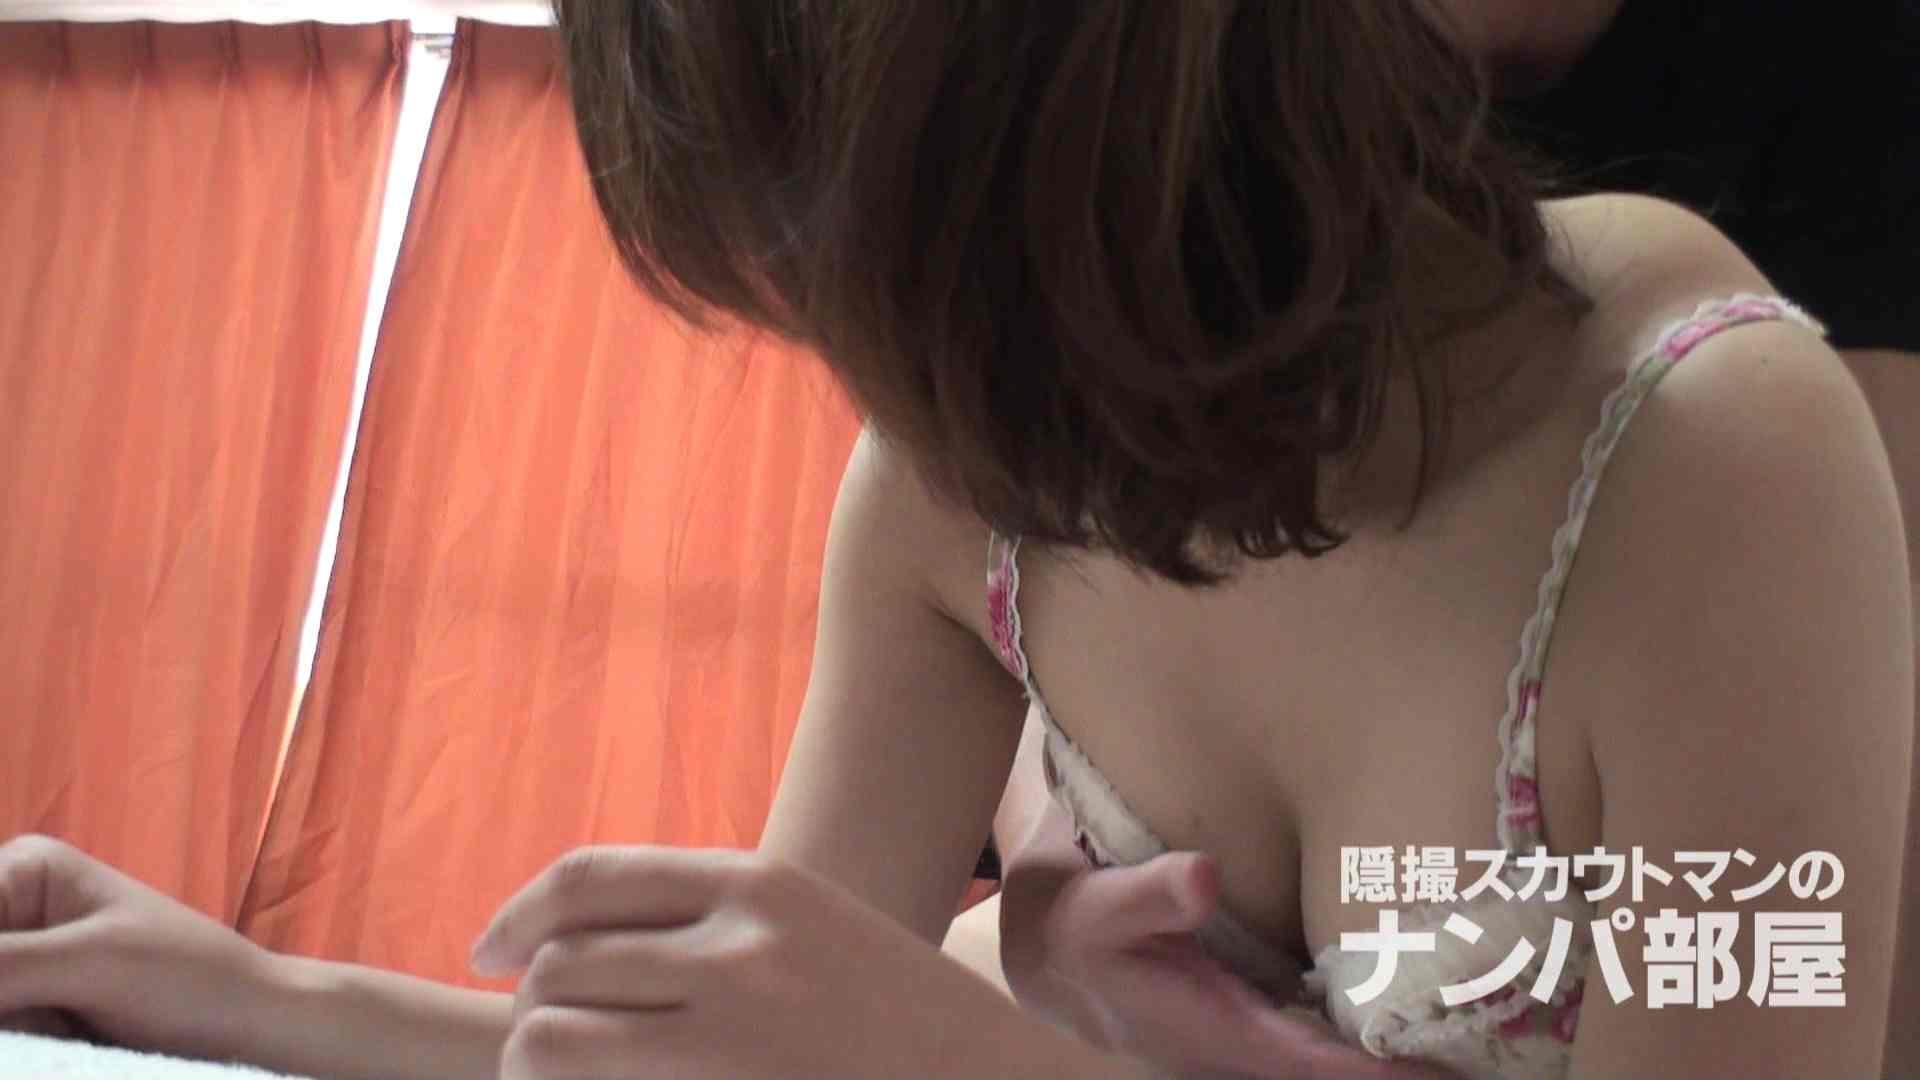 隠撮スカウトマンのナンパ部屋~風俗デビュー前のつまみ食い~ siivol.2 ナンパ  80pic 47